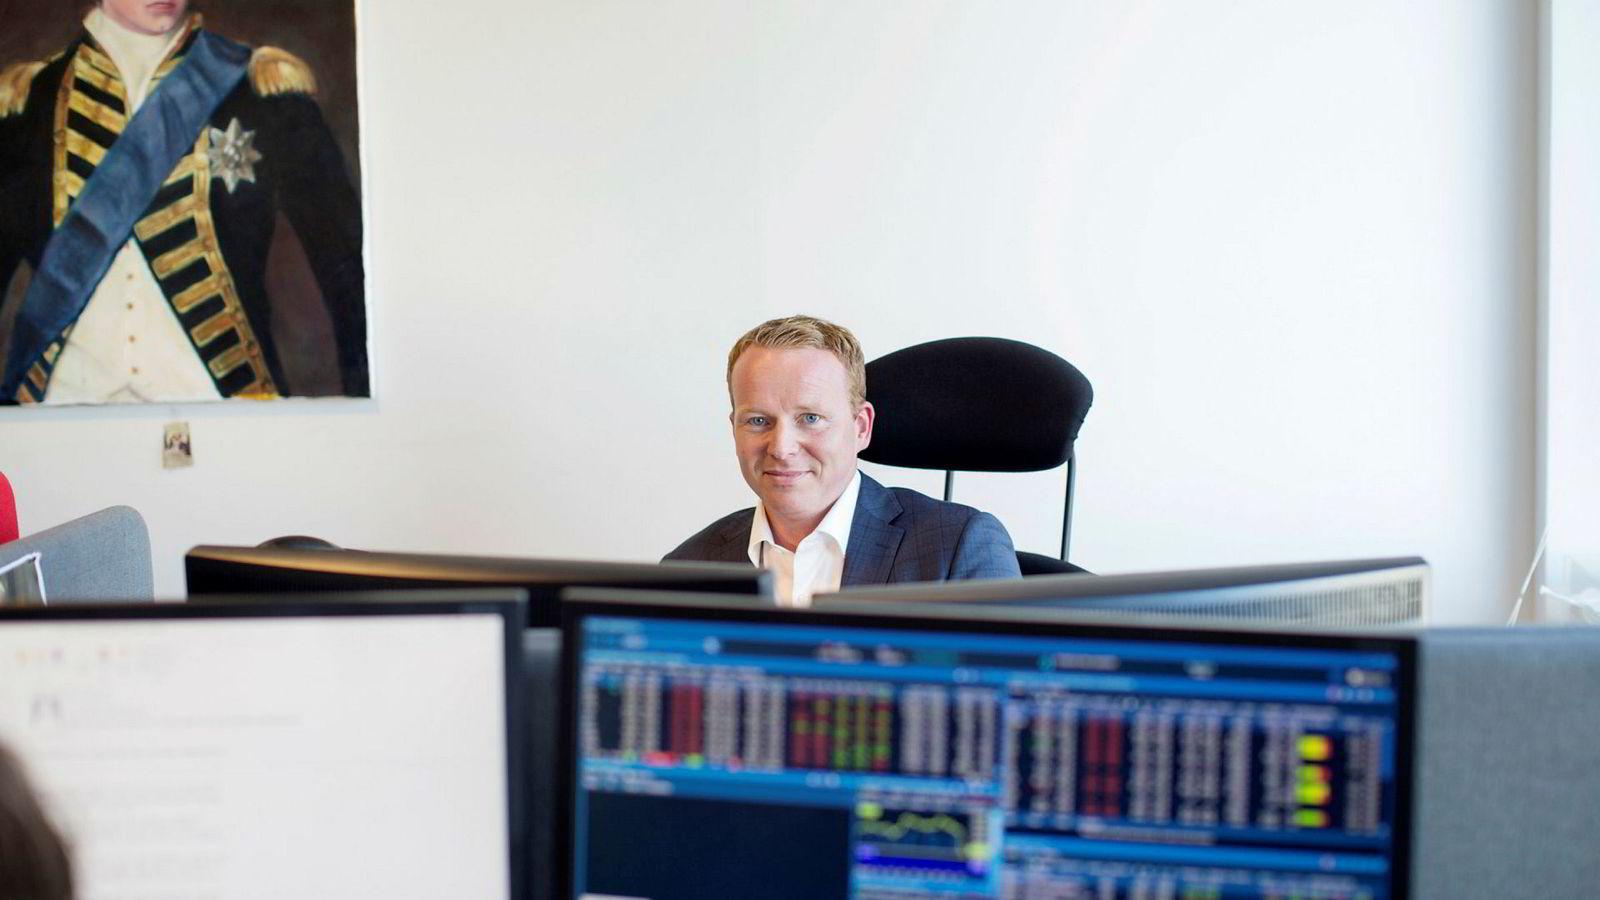 Analysesjef Lars-Daniel Westby (bildet) i Sparebank 1 Markets har ansvaret for meglerhusets ukeportefølje sammen med analytiker Petter Kongslie.